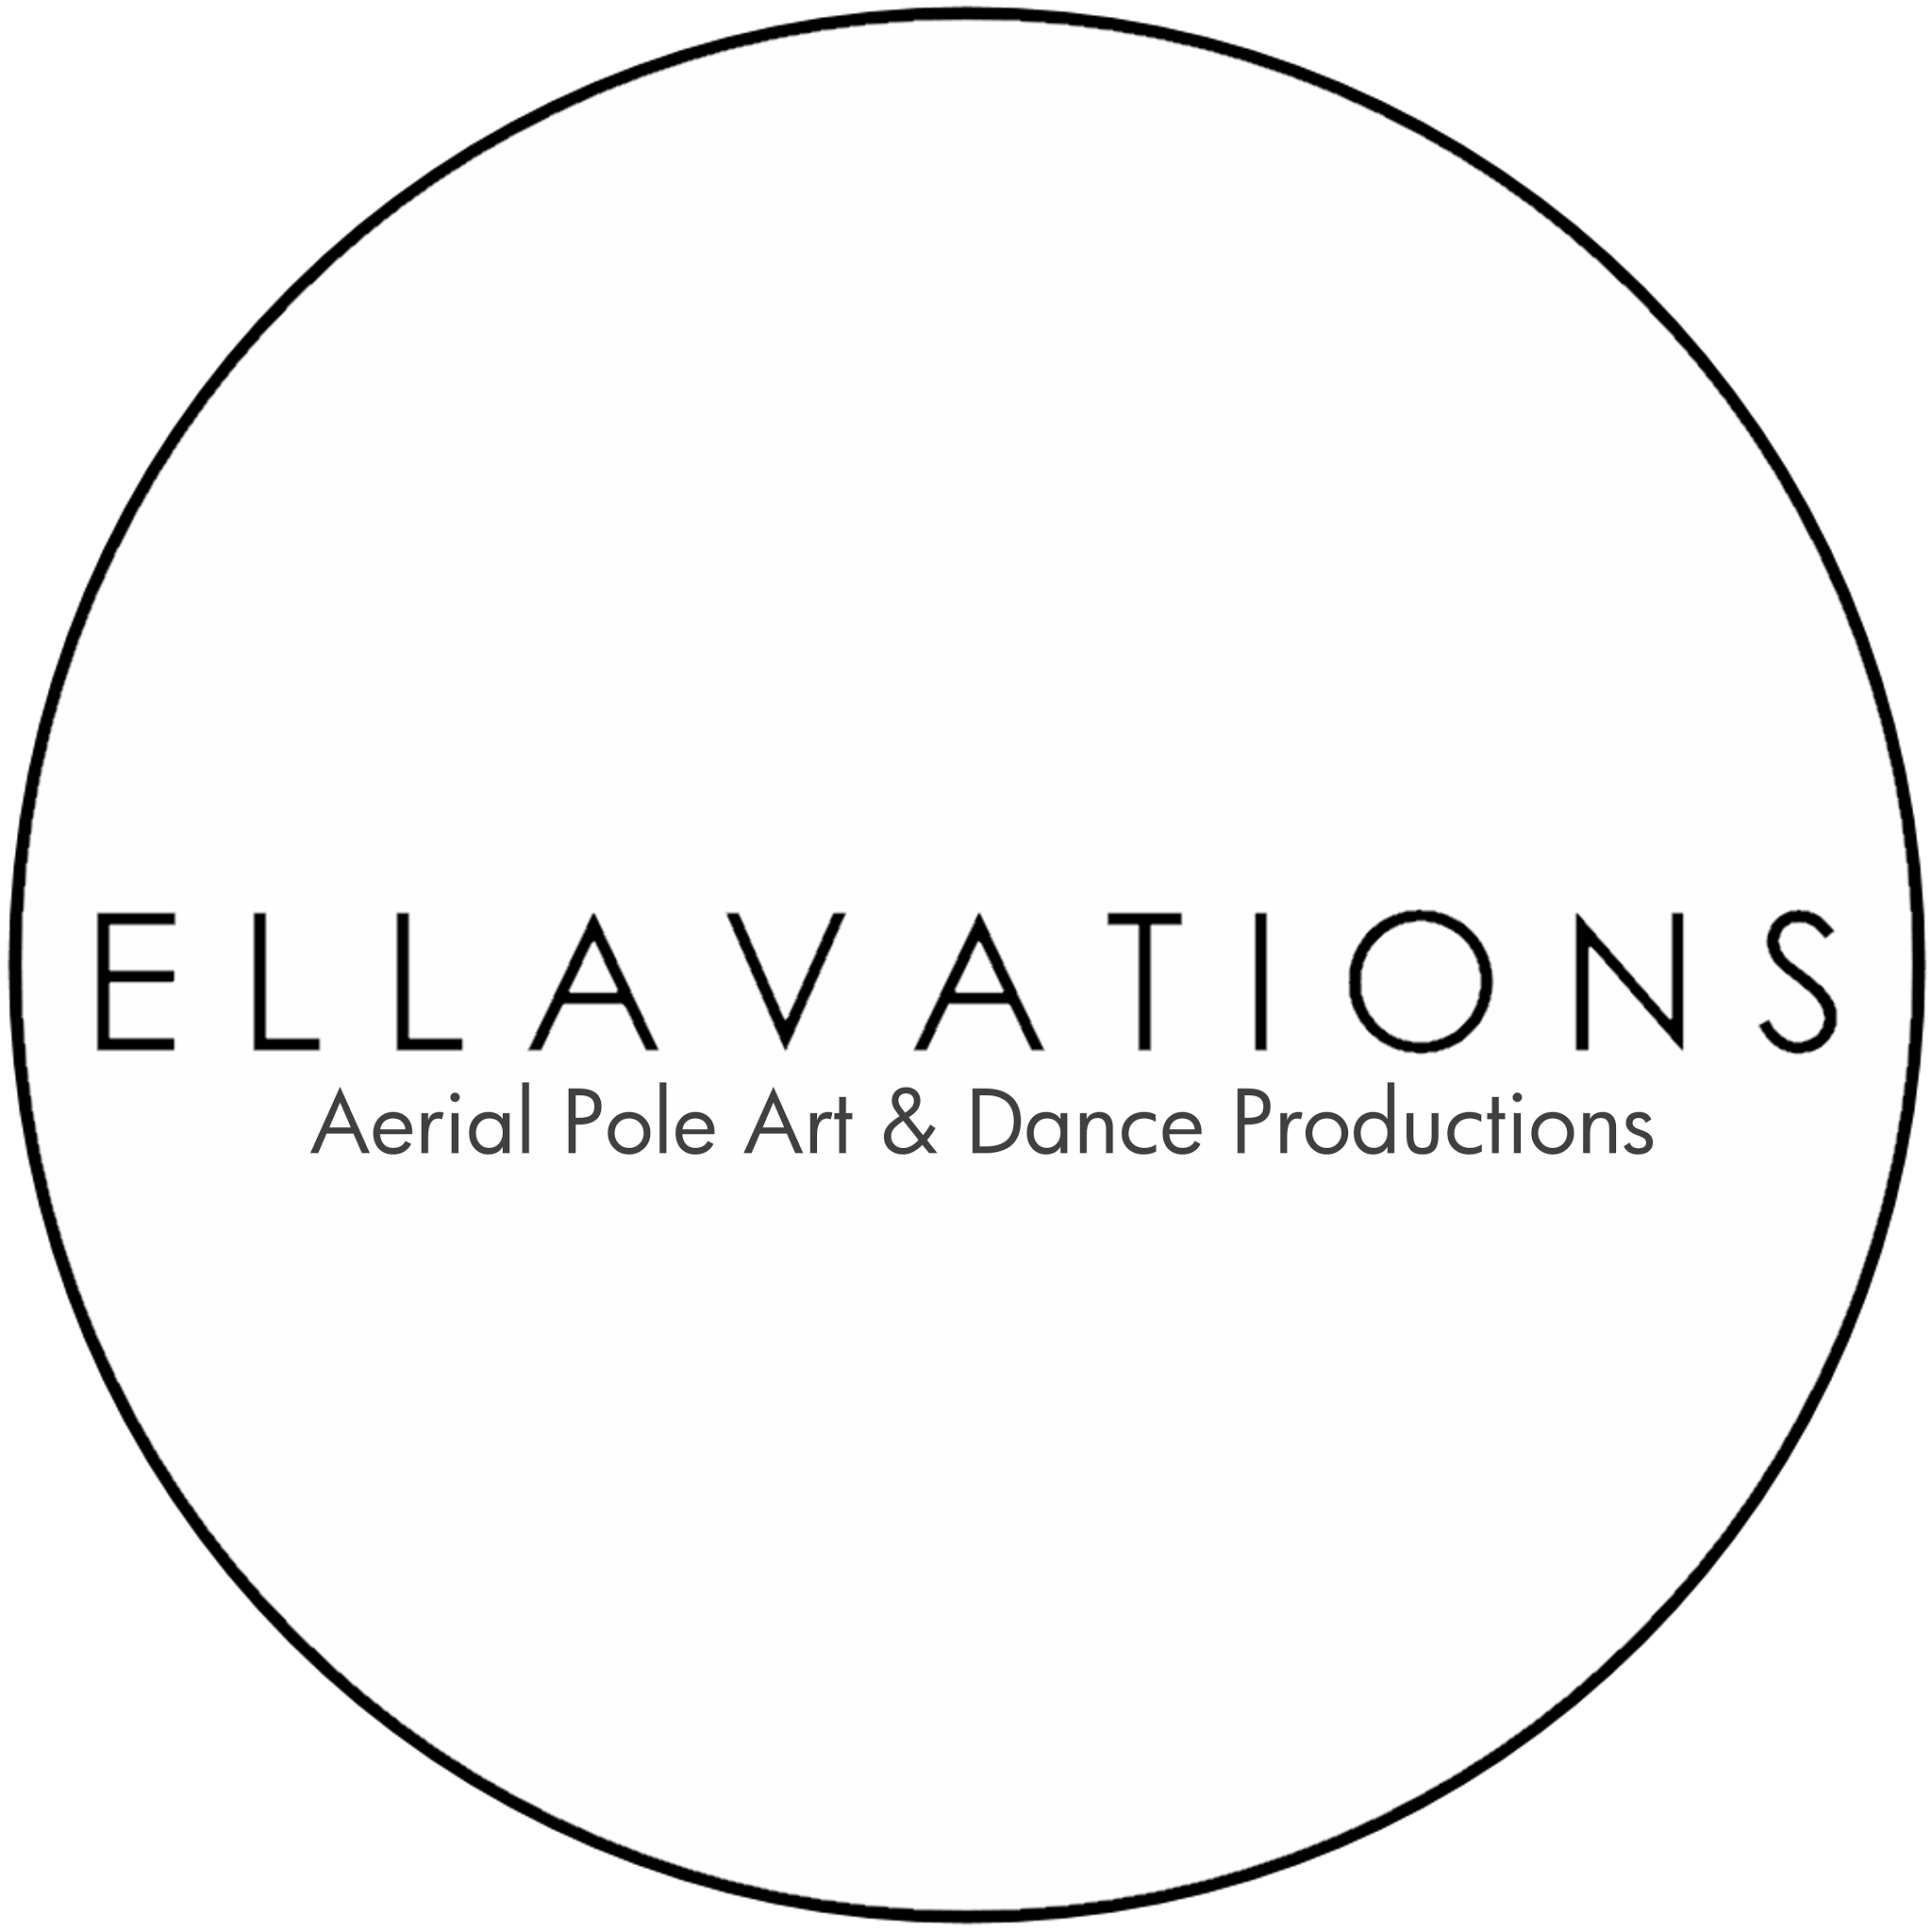 ELLAVATIONS LOGO.png